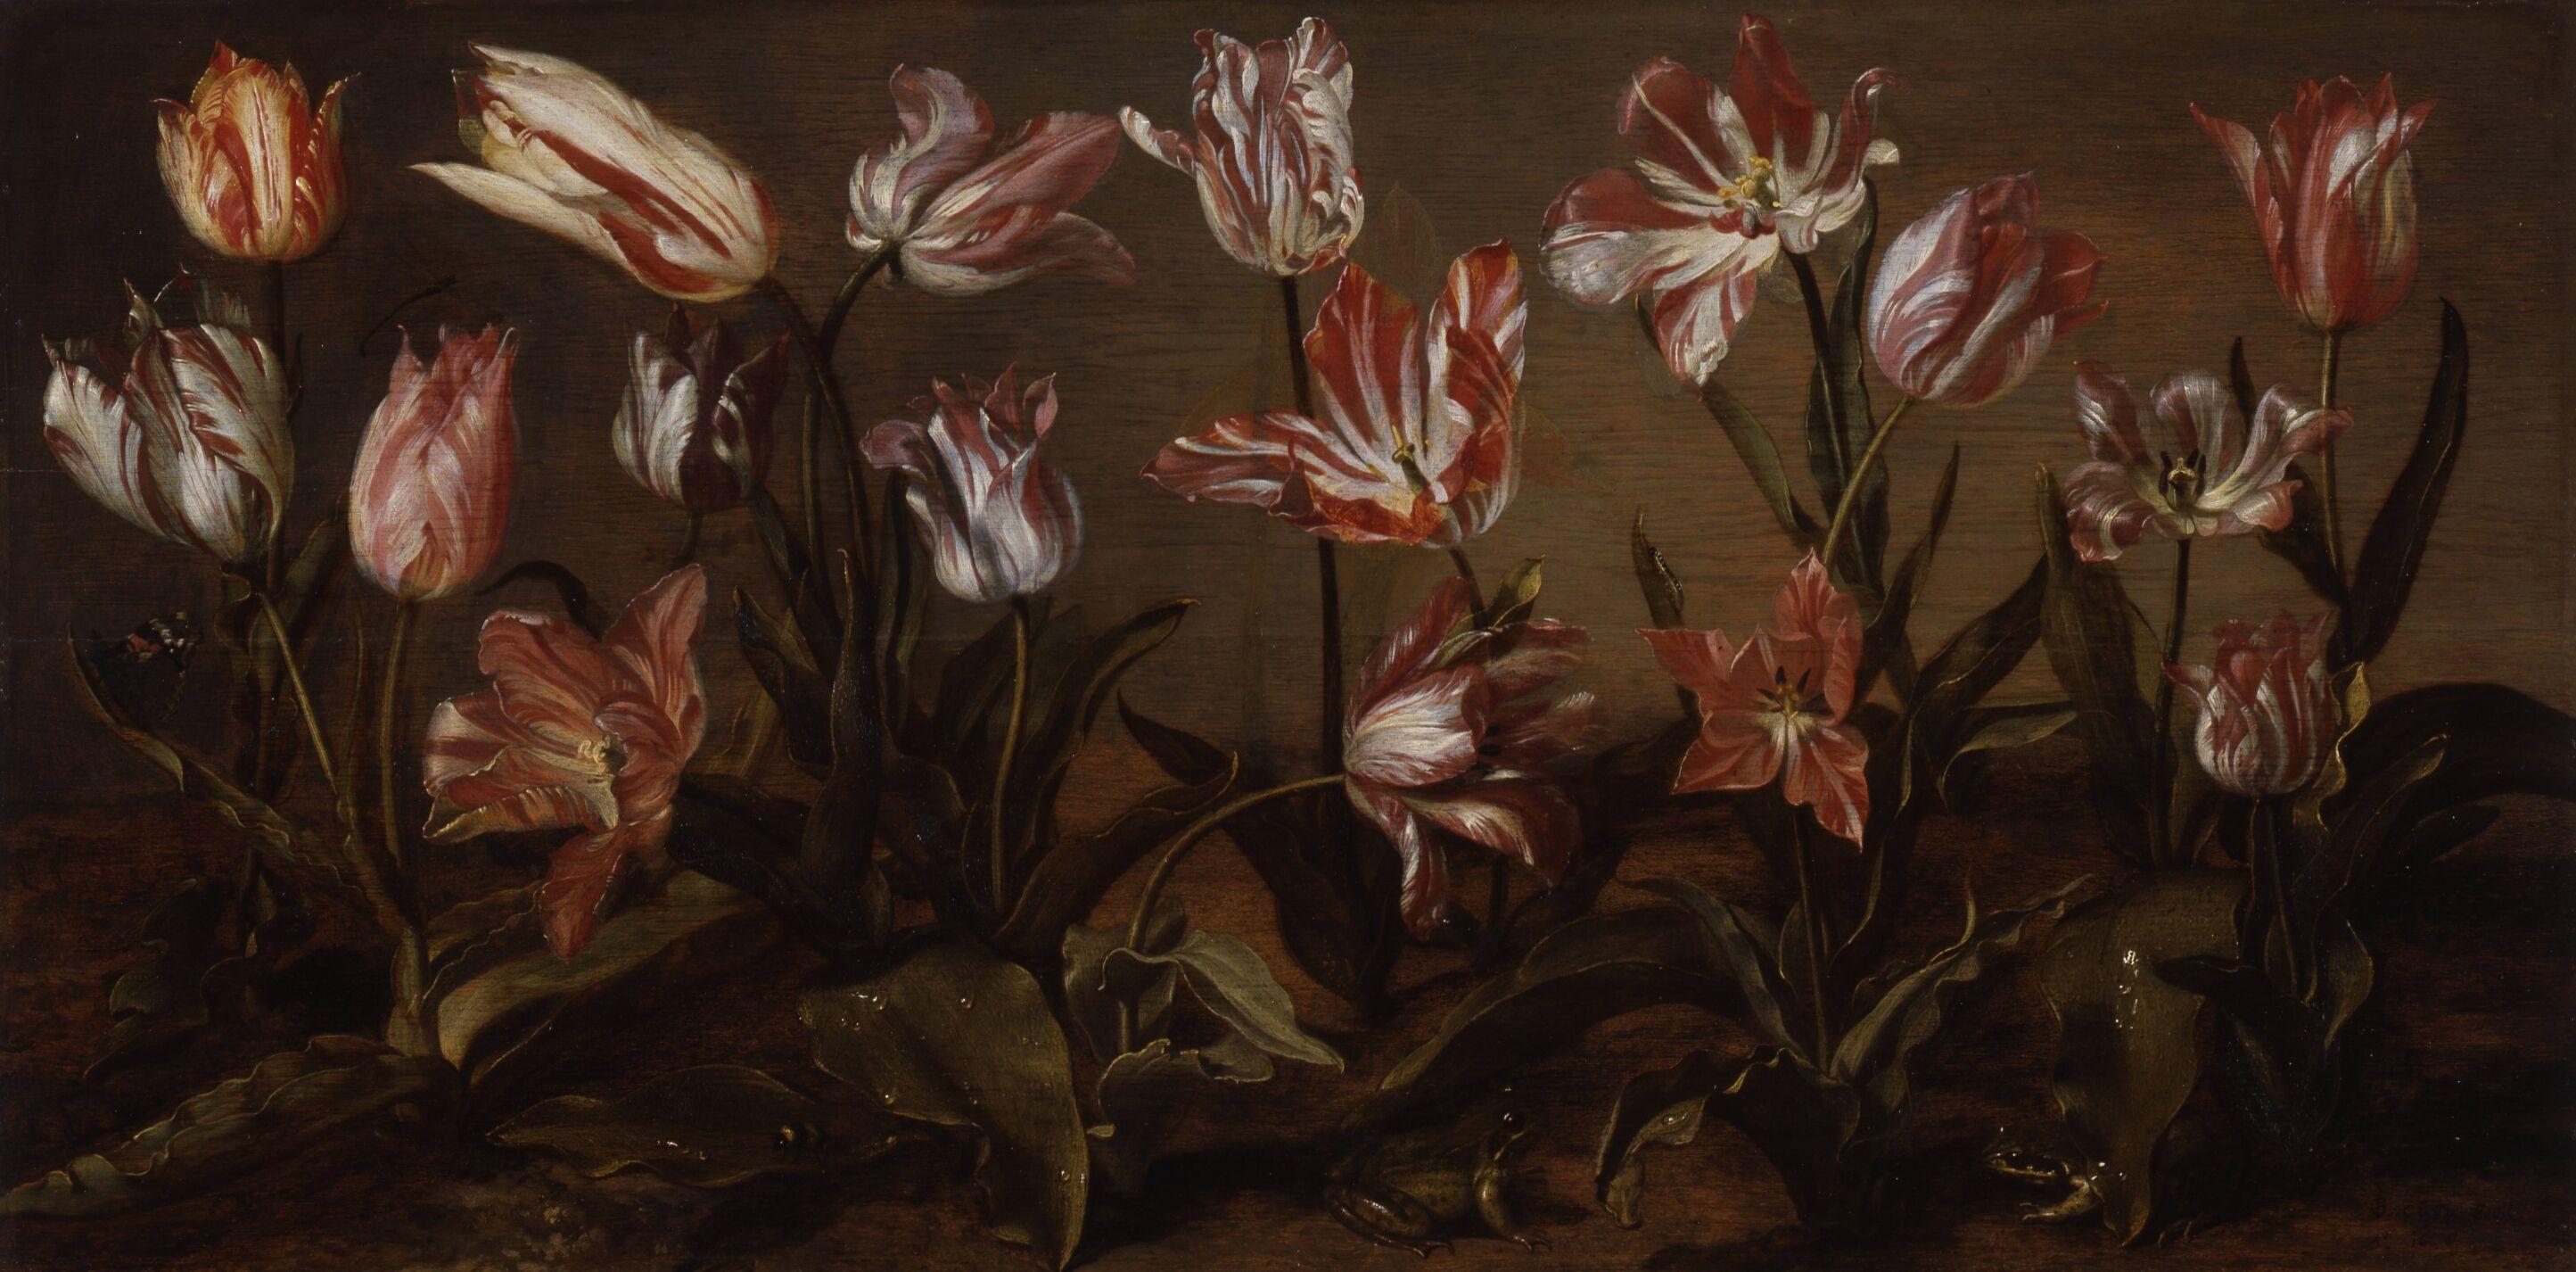 4AgeRembrandt-JacobGerritszCuyp-BedOfTulips-1638